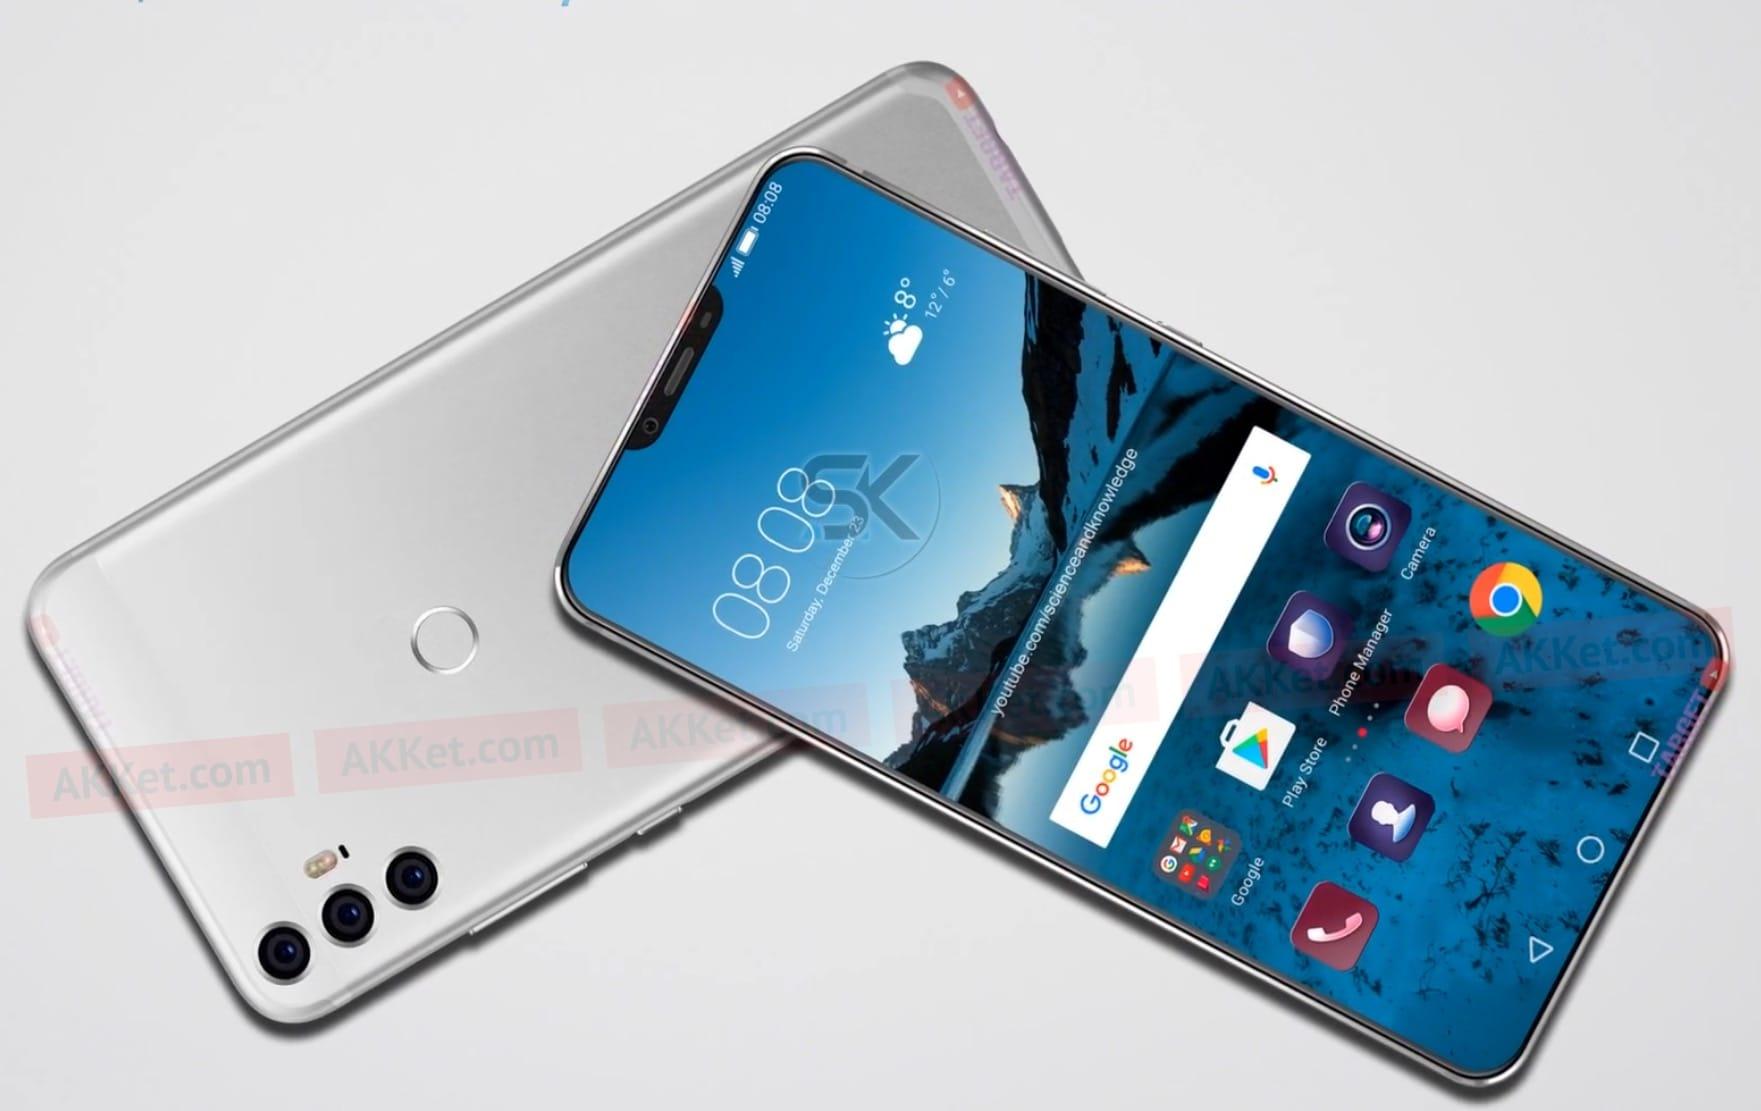 Концепт-арты Huawei P11 Xдемонстрируют смартфон стремя модулями основной камеры